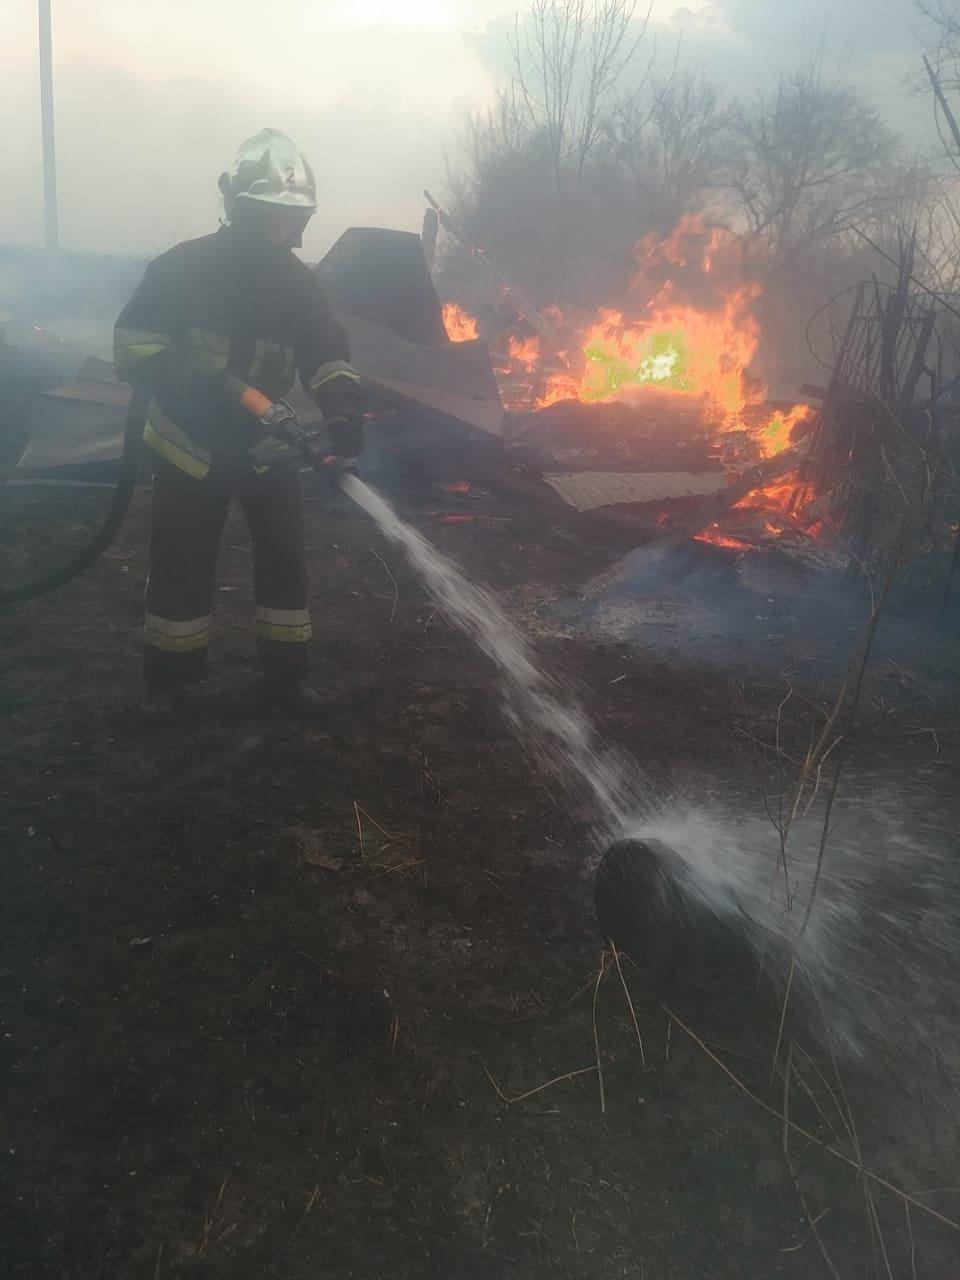 У селі на Рівненщині сталася пожежа: спалахнув сарай, після чого вогонь перекинувся і на сусідній будинок (ФОТО), фото-2